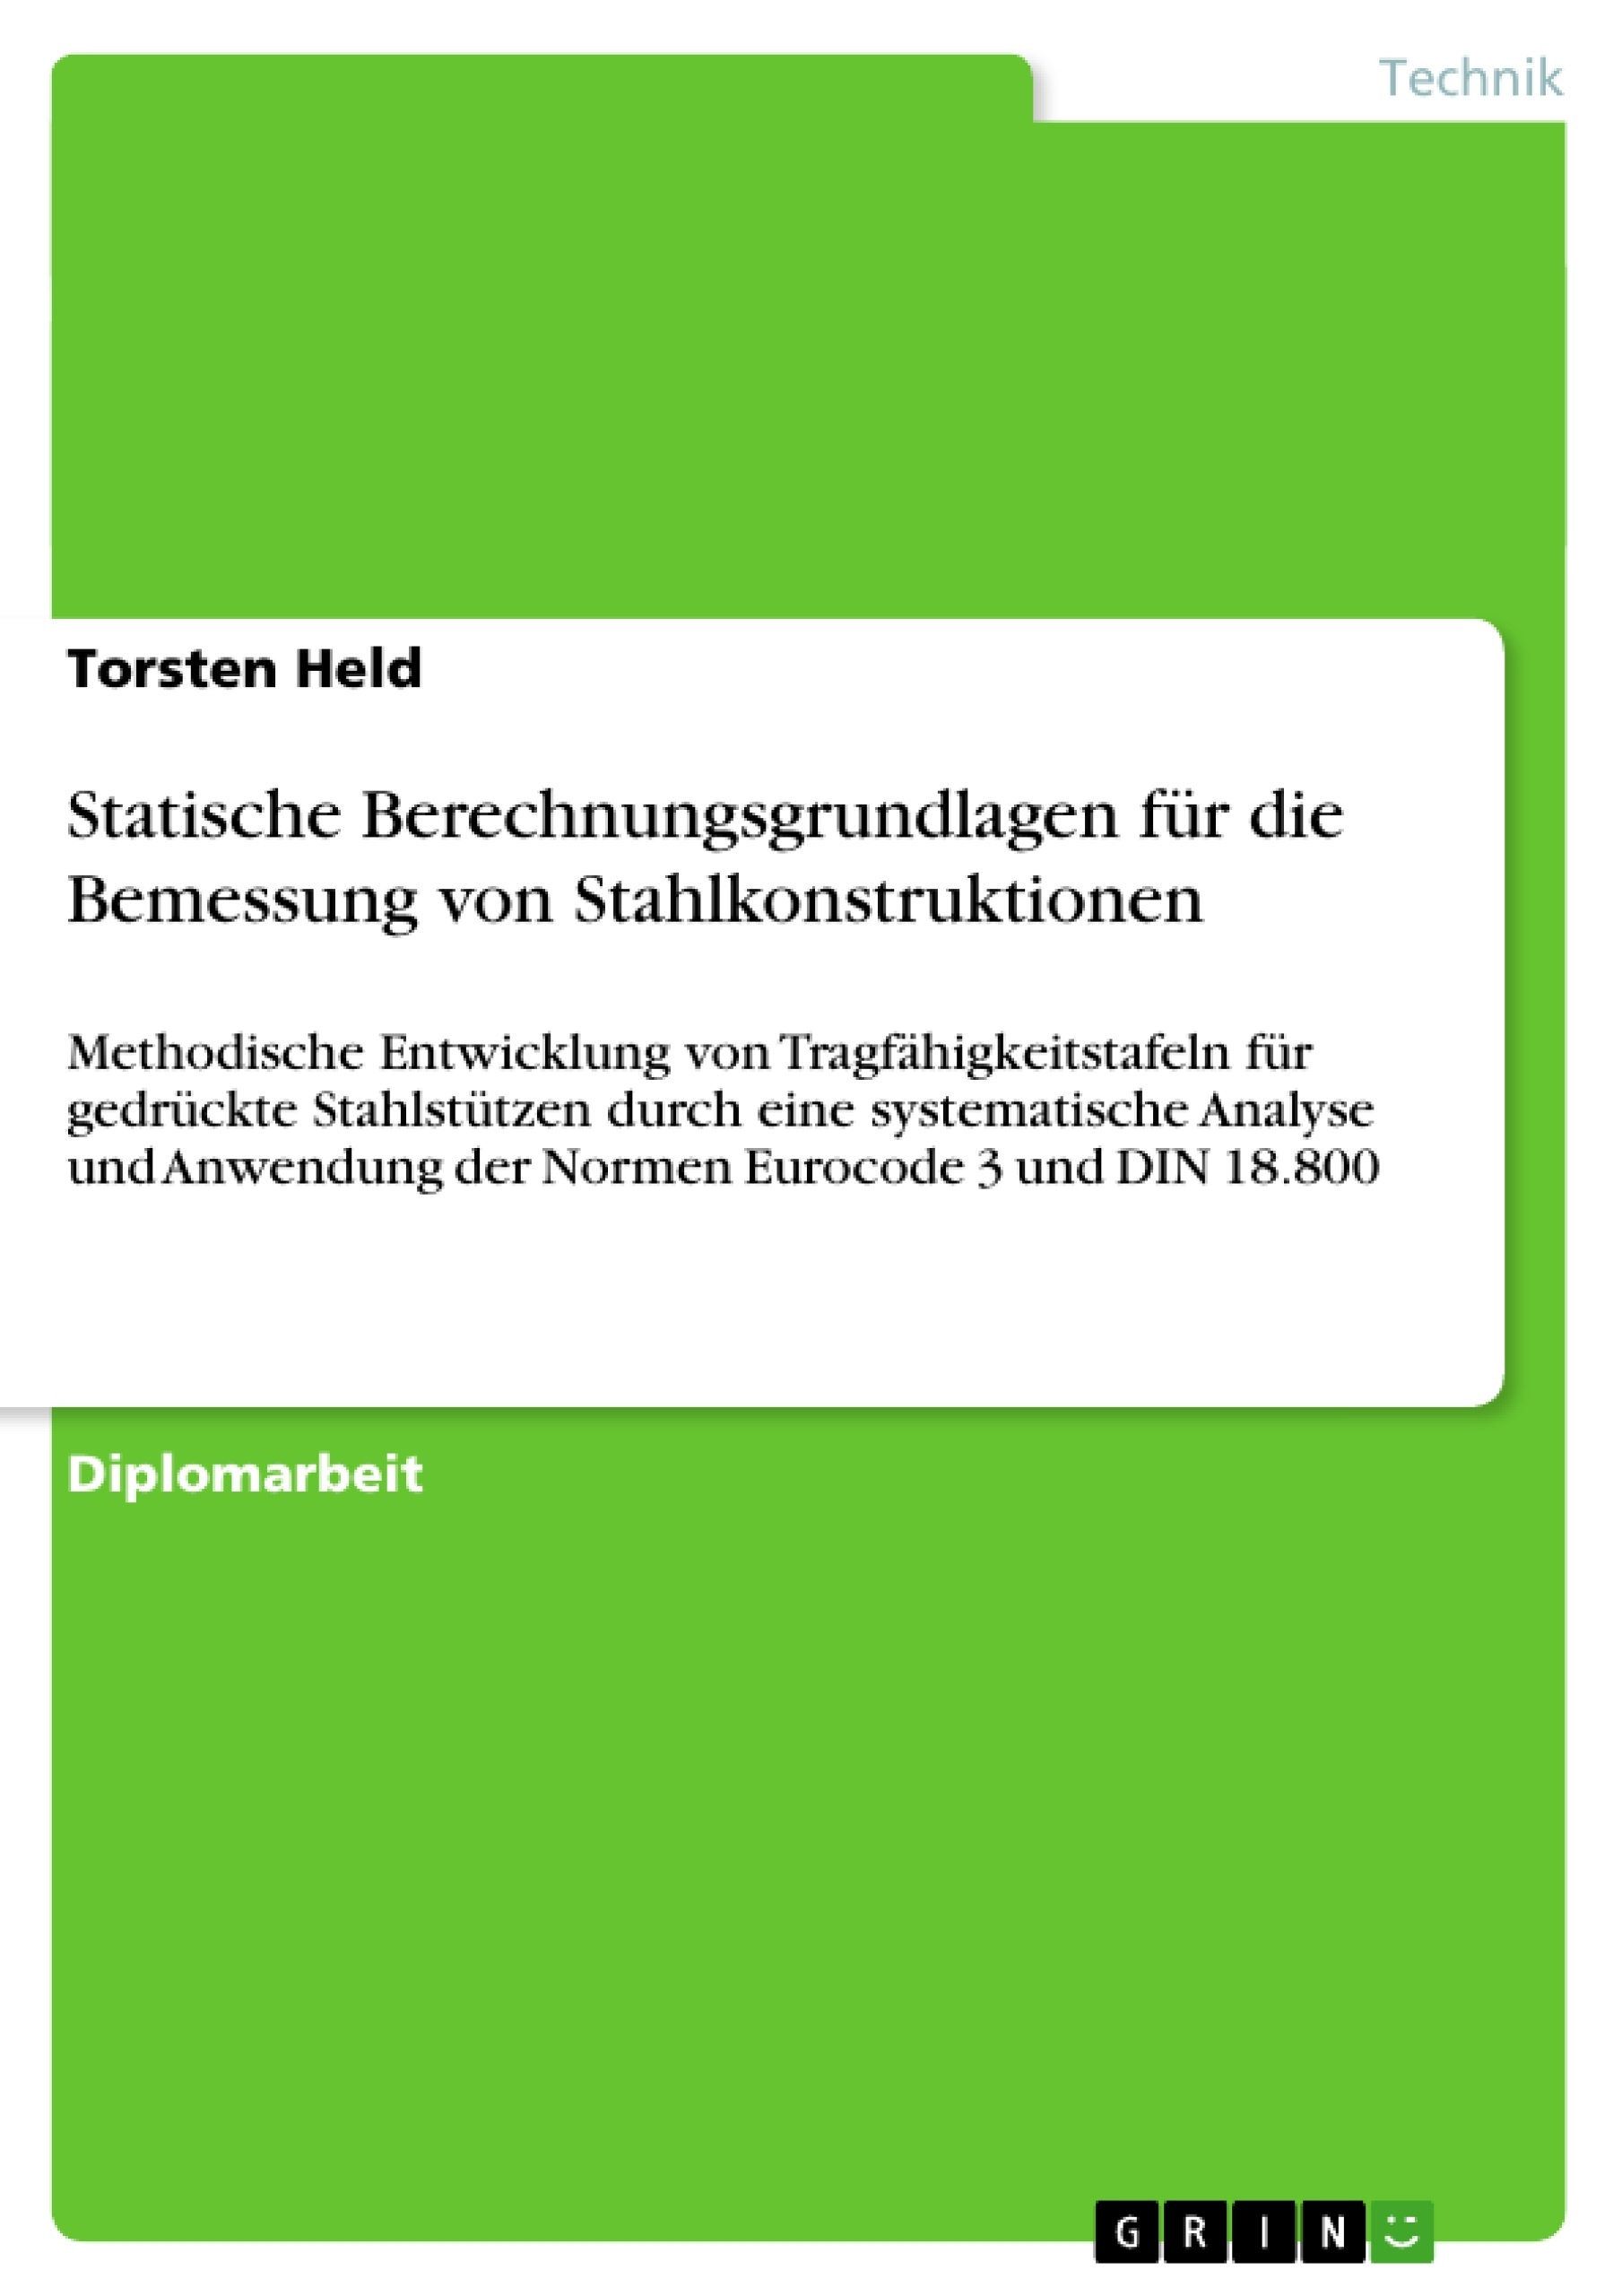 Titel: Statische Berechnungsgrundlagen für die Bemessung von Stahlkonstruktionen